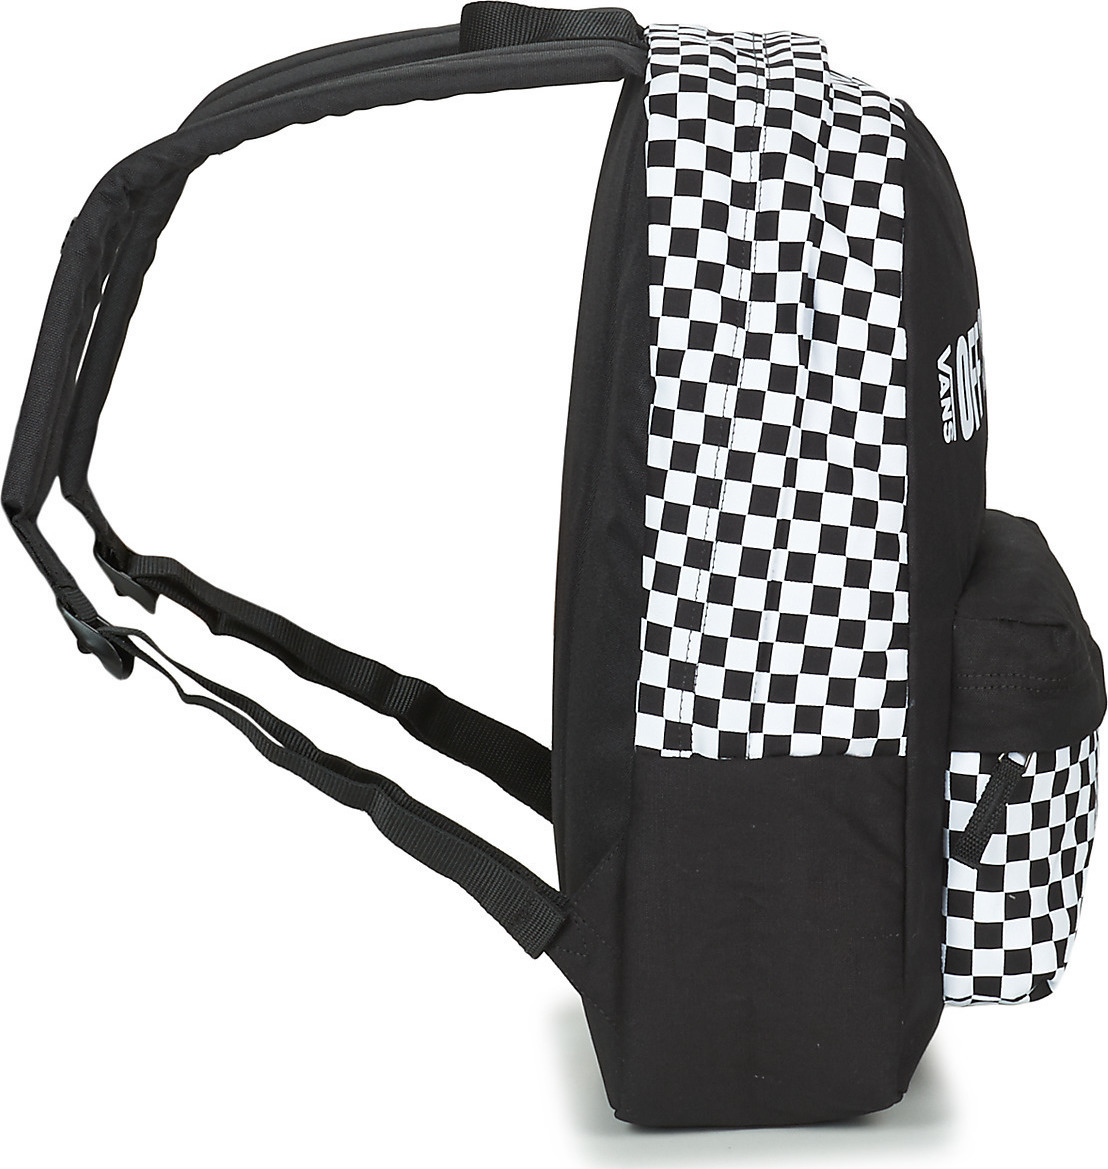 76877647f1c Vans Central Realm Backpack VN0A3UQSBLK - Skroutz.gr